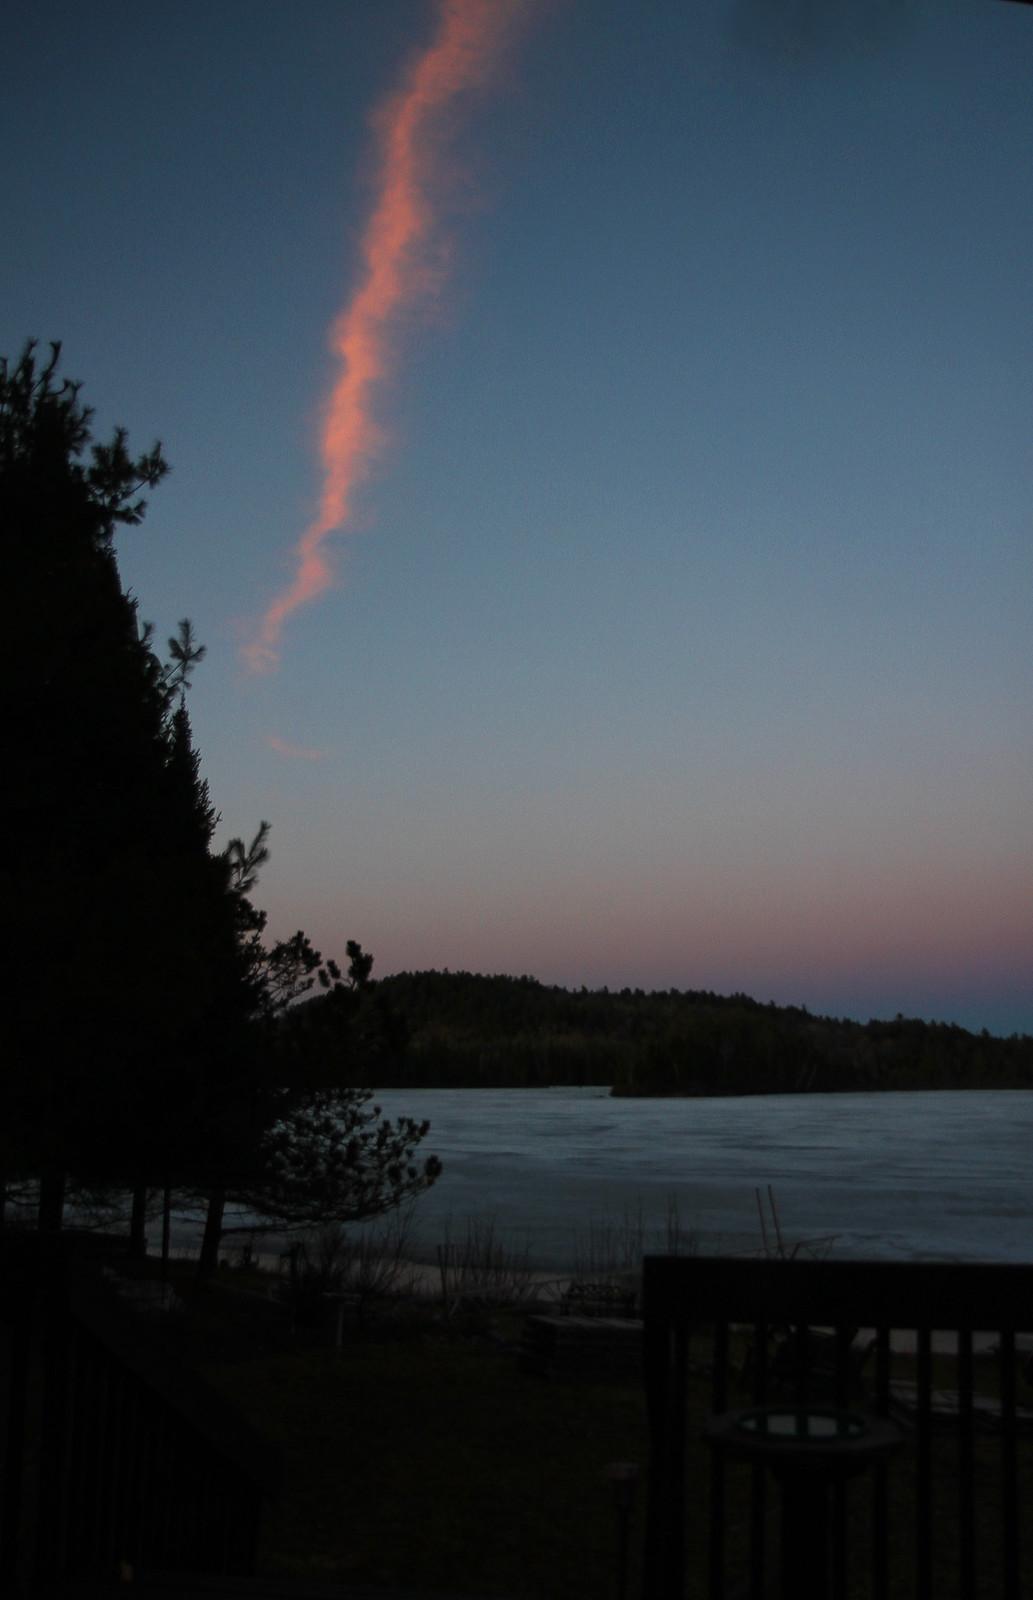 bonus pink cloudy streak